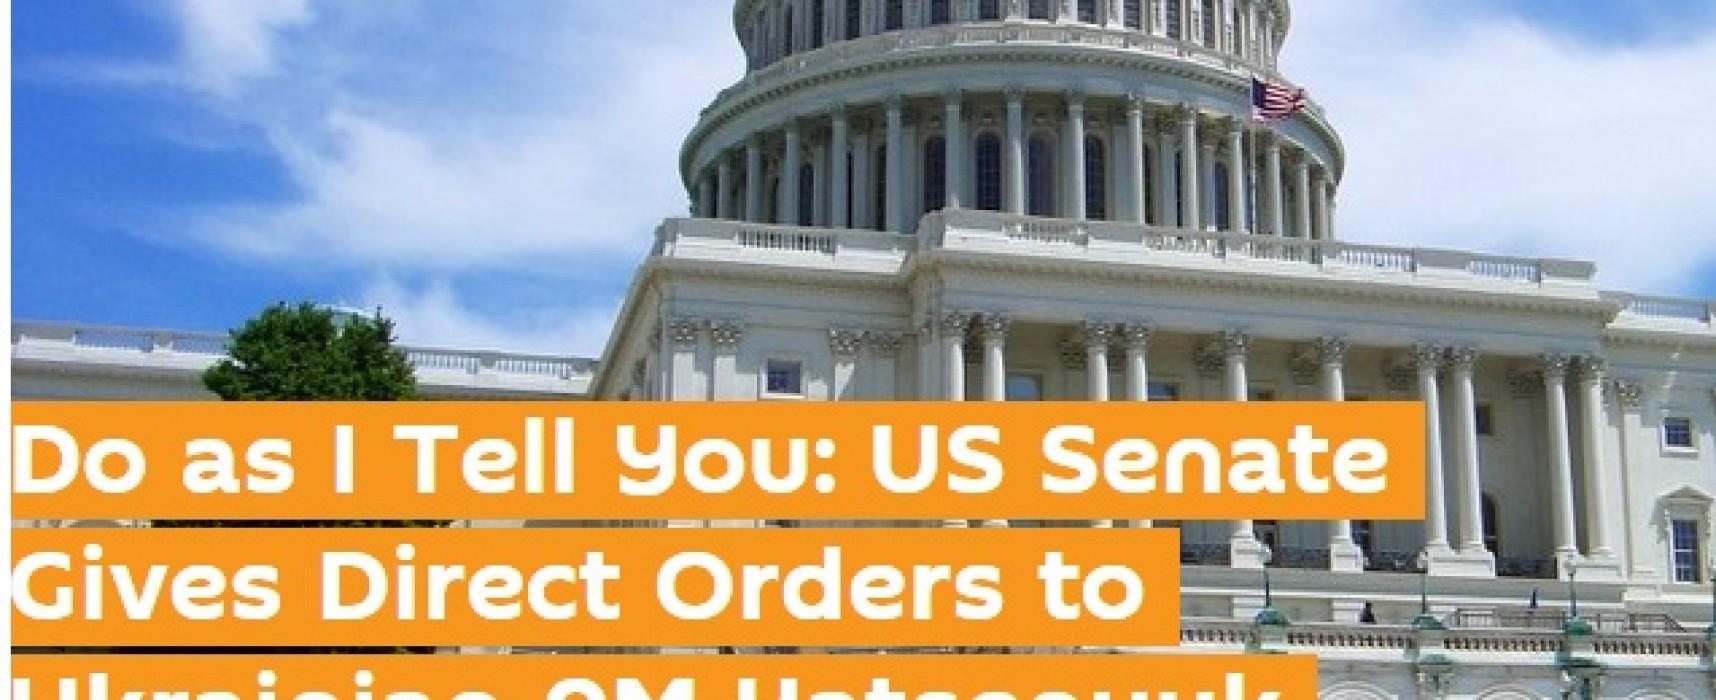 Письмо сенатора США премьер-министру Украины – фальшивка, утверждает ABC7Chicago